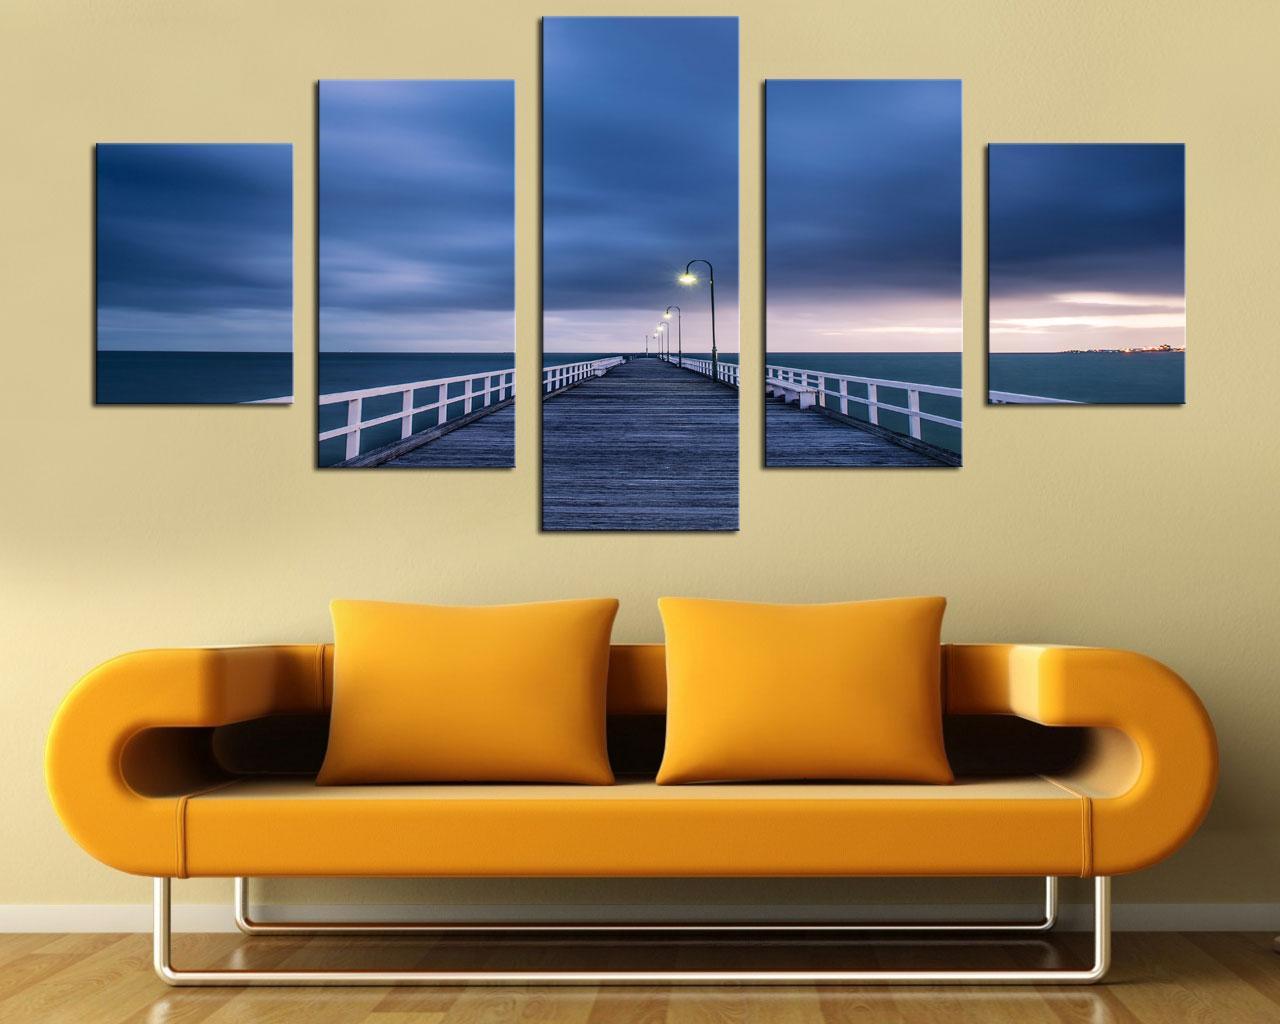 acheter original new home decor art hd impression paysage peinture À